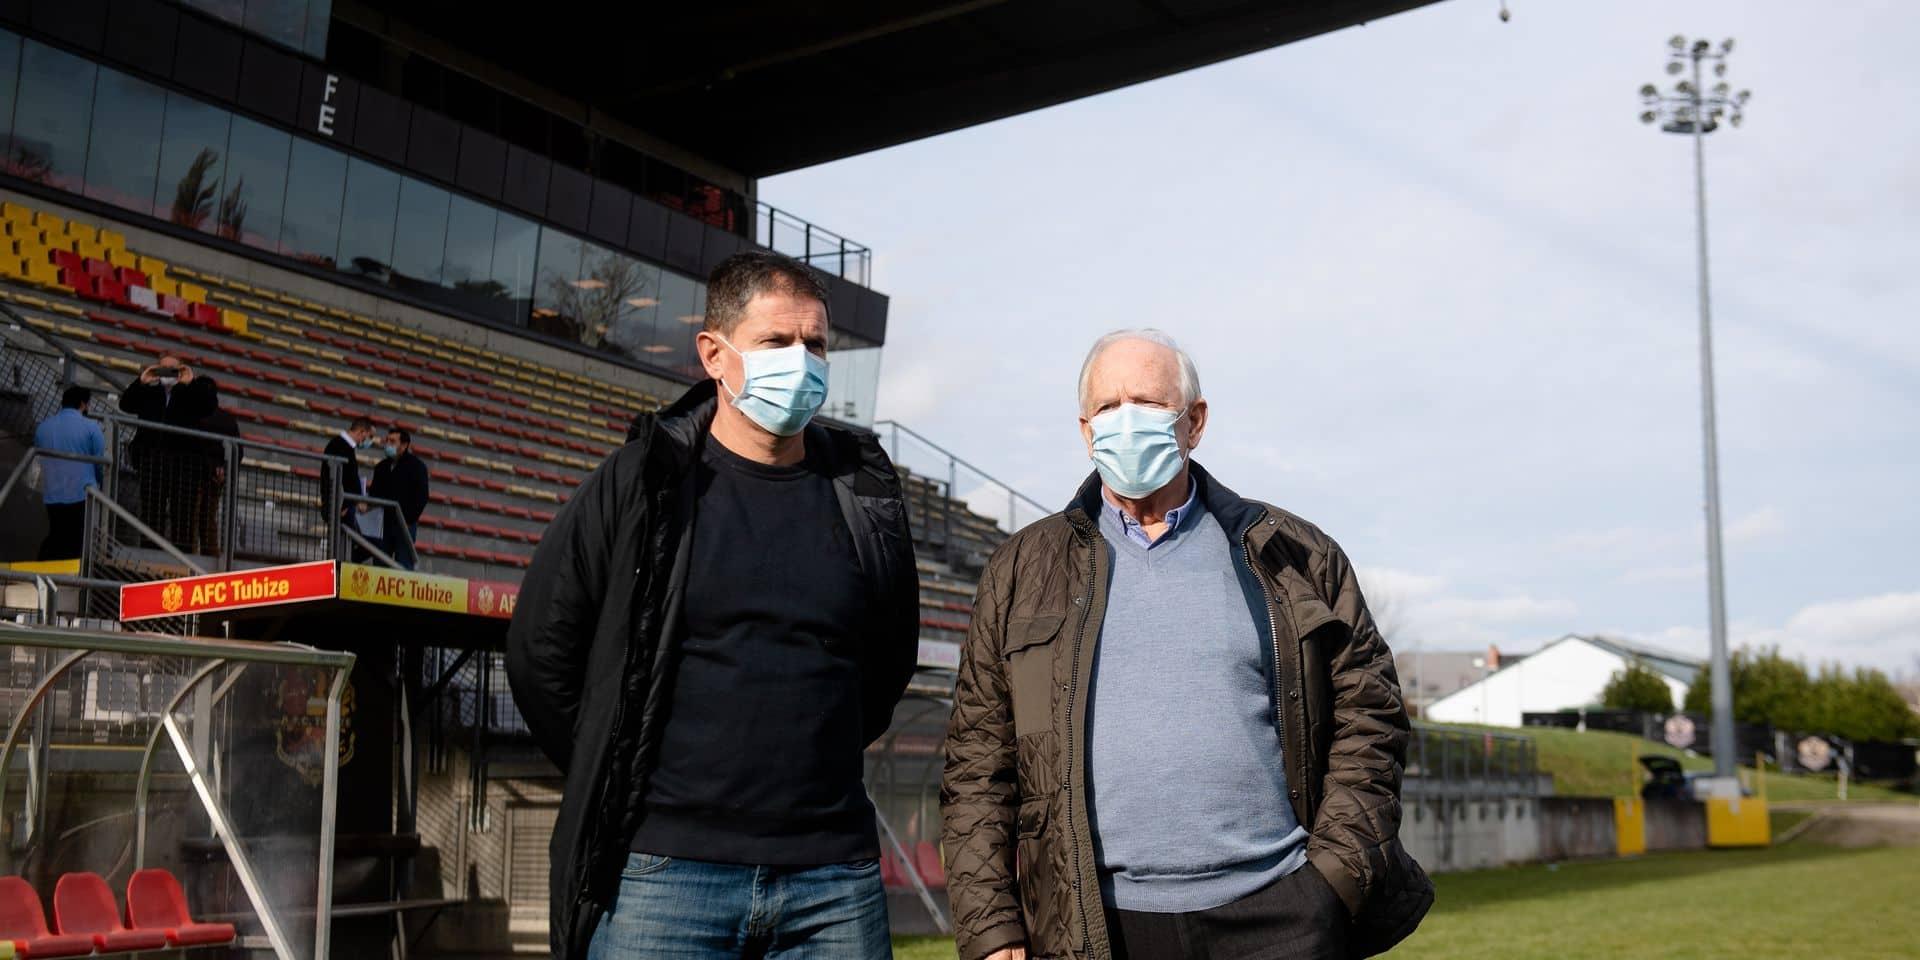 Tubize: Thierry Hazard et Raymond Langendries - AFC Tubize et le Stade Brainois oeuvrent a un rapprochement des deux clubs en vue d'une fusion a Tubize le vendredi 19 fevrier 2021